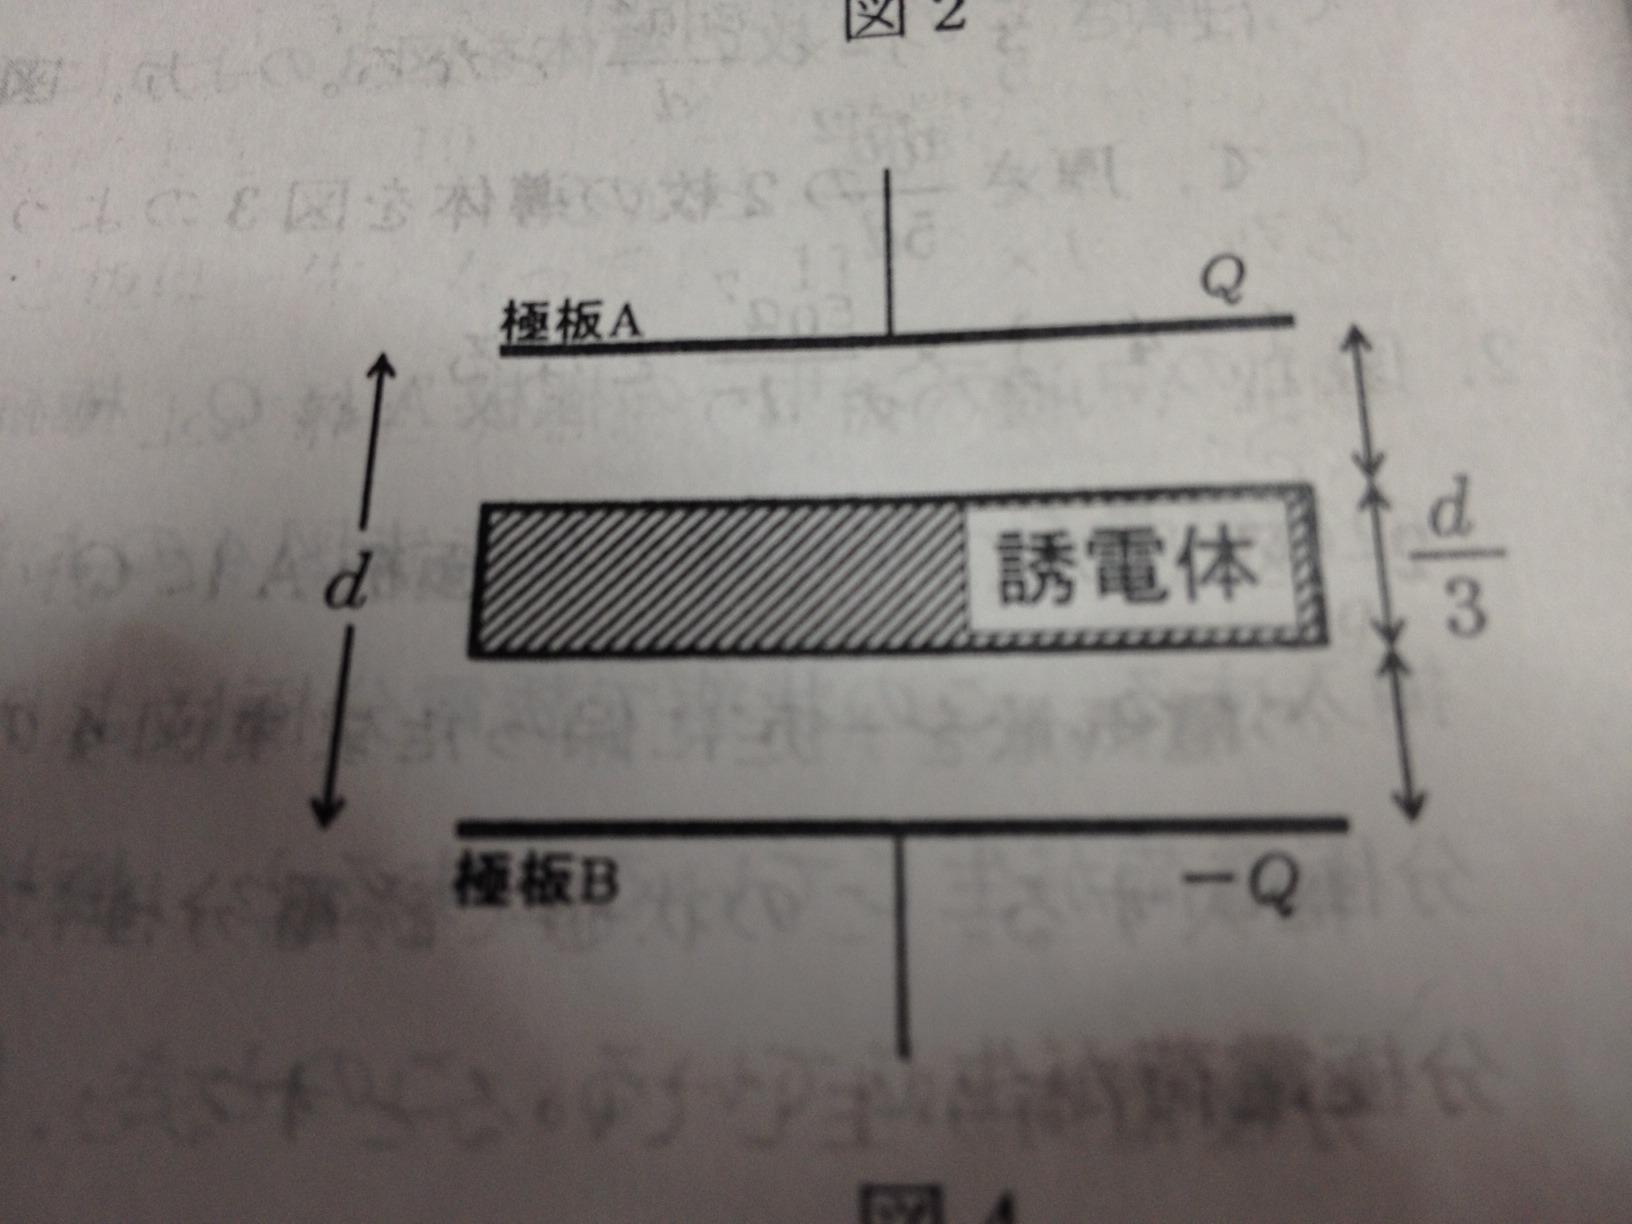 誘電 体 コンデンサー 【フィルムコンデンサ】電極と誘電体による『分類』と『種類』のまとめ